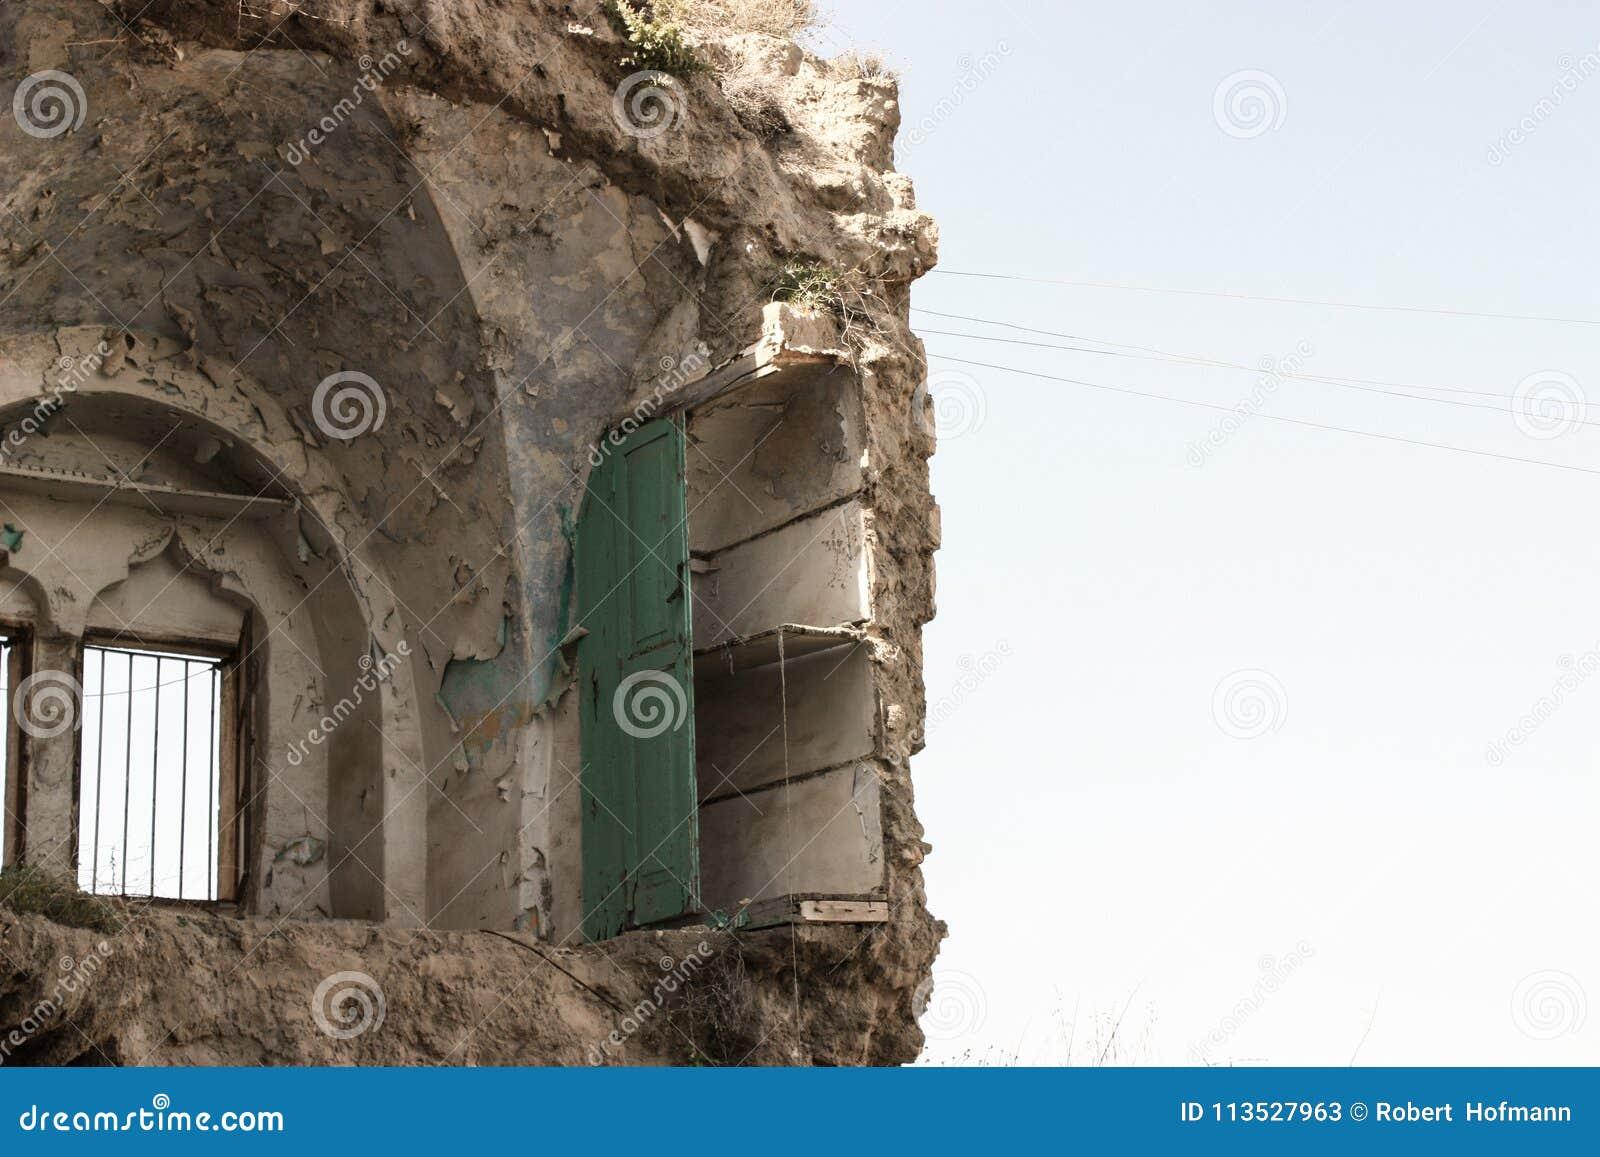 Разрушенный палестинский дом израильским воздухом сил обороны strikeDestroyed палестинские дом или дом израильскими силами оборон